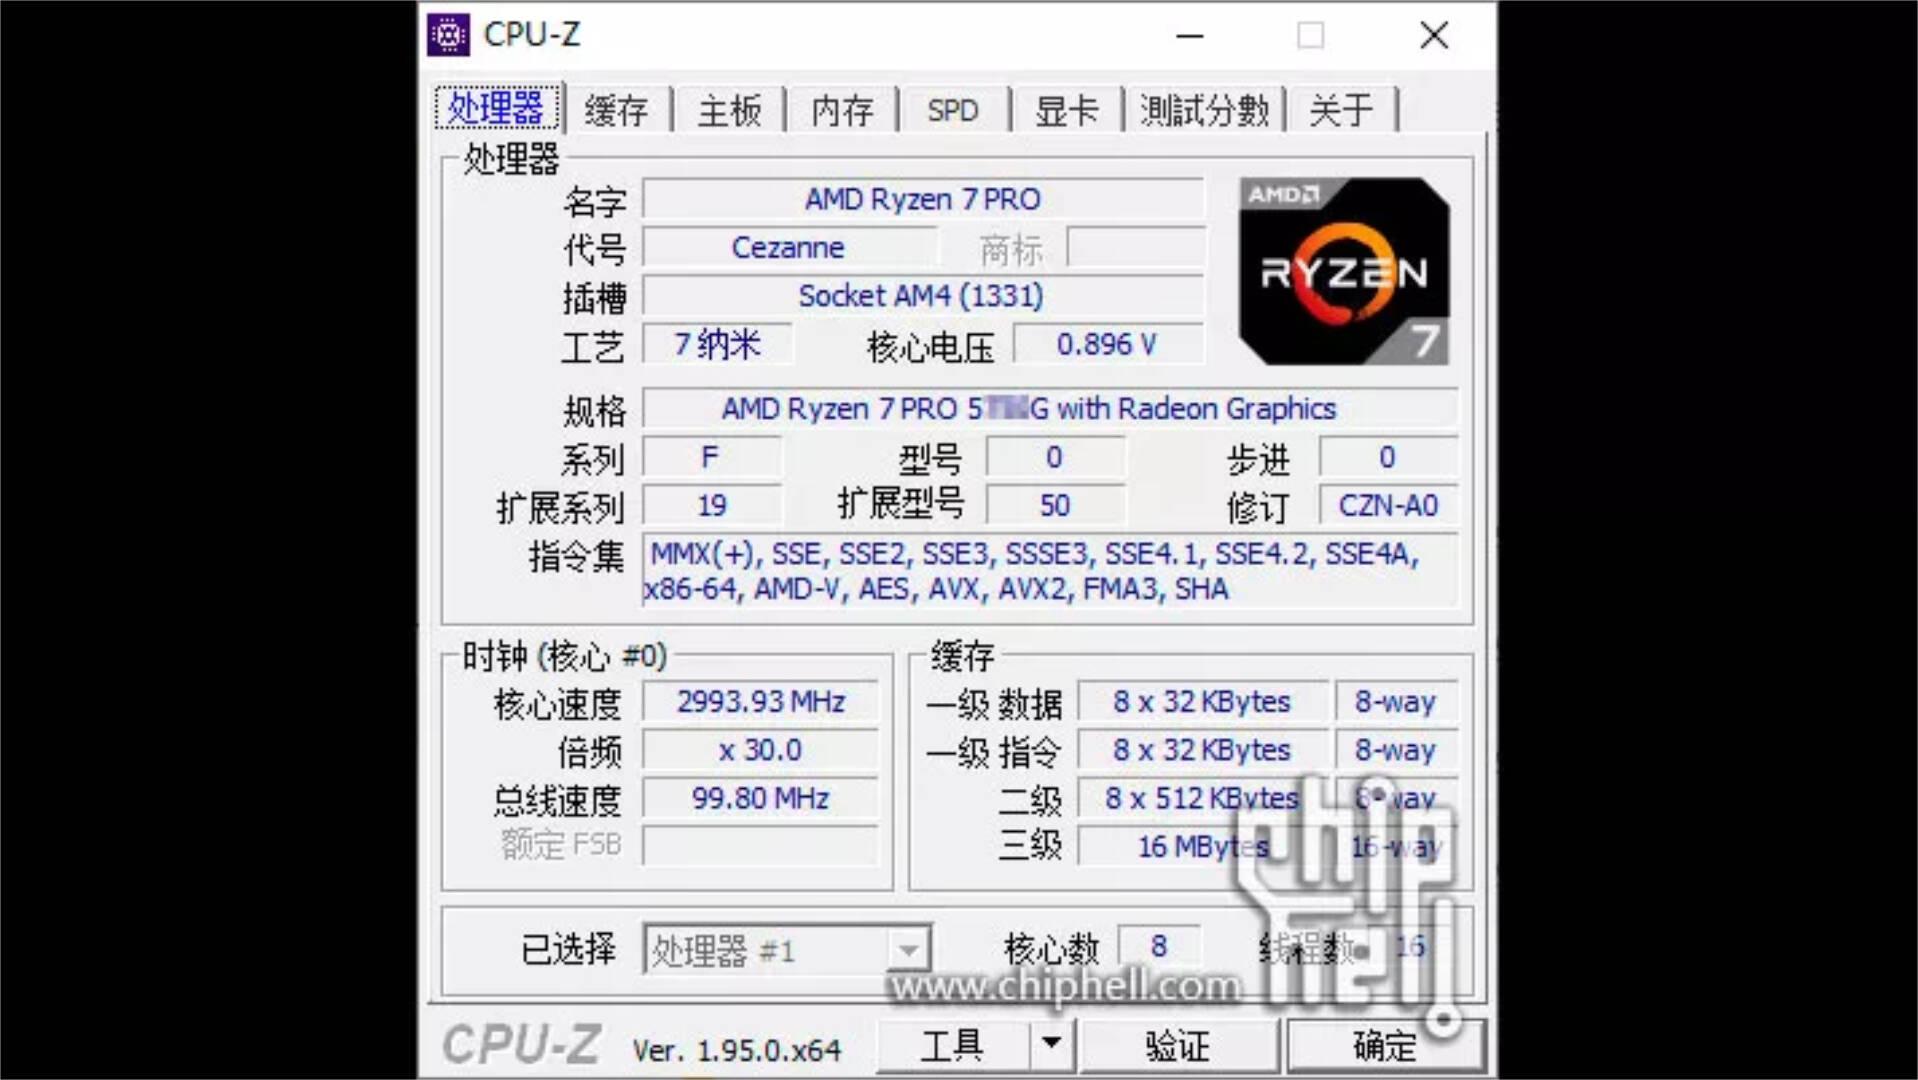 AMD Ryzen 7 Pro 5750G